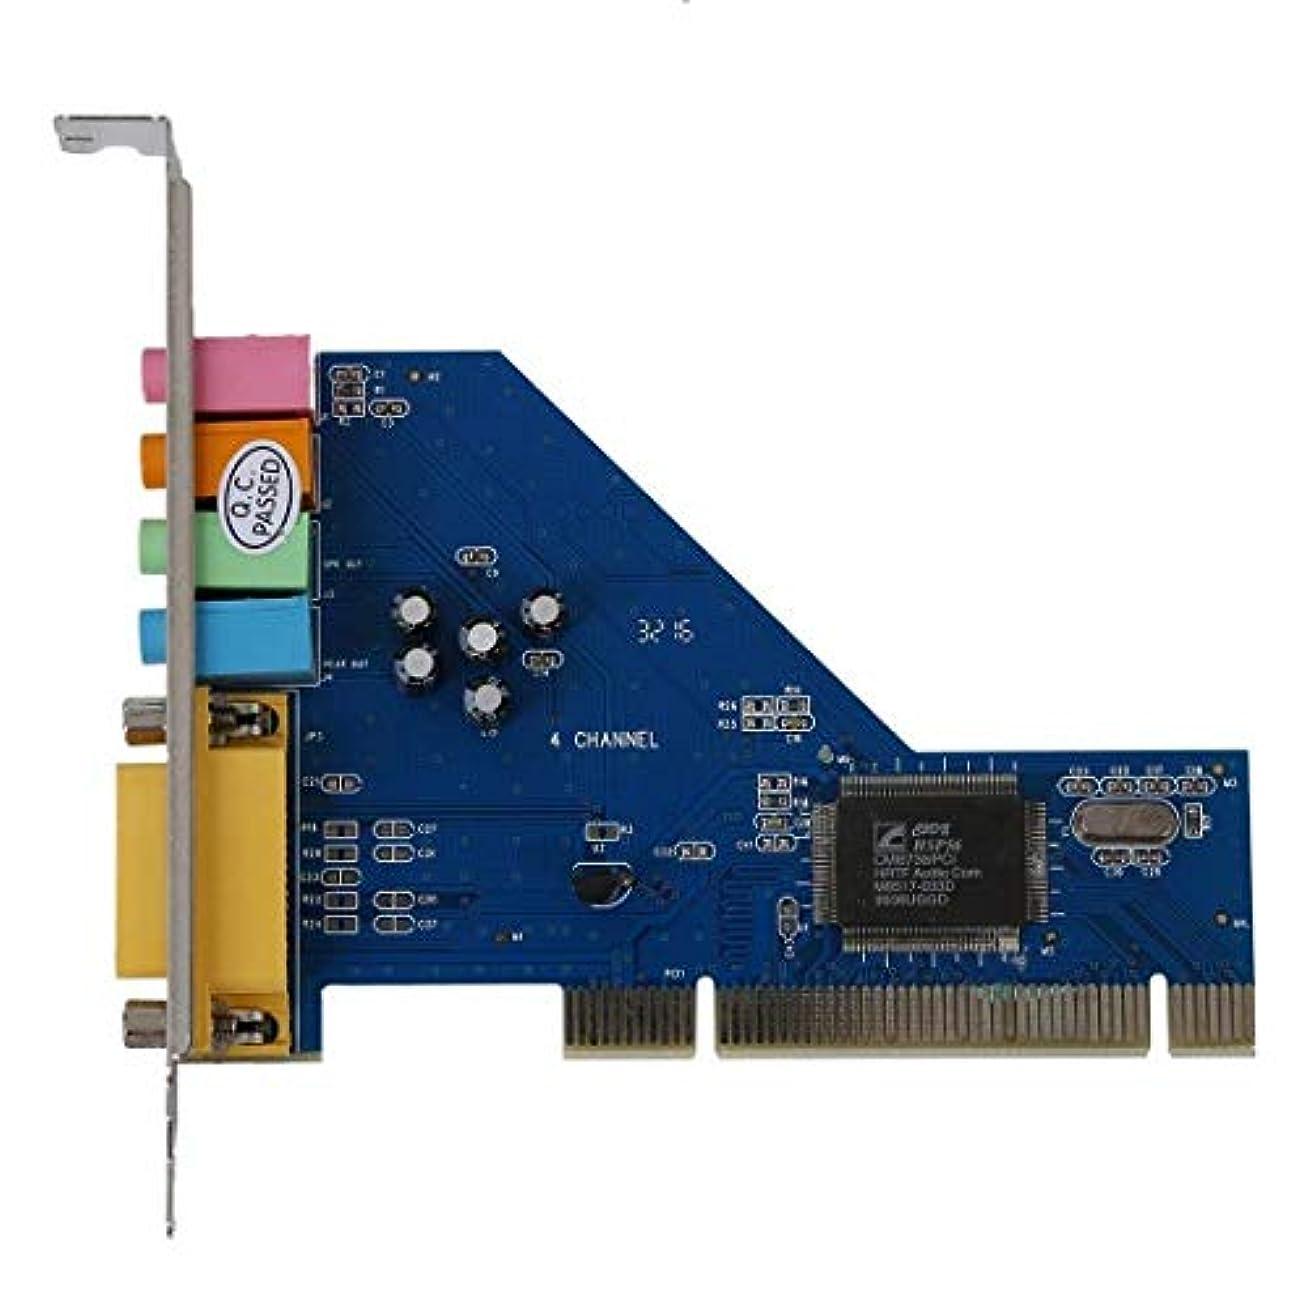 忠実乱す瞬時に4チャンネルC-メディアチップ3 Dオーディオステレオ統合PCIサウンドカードWin 7 64ビットクリエイティブで便利